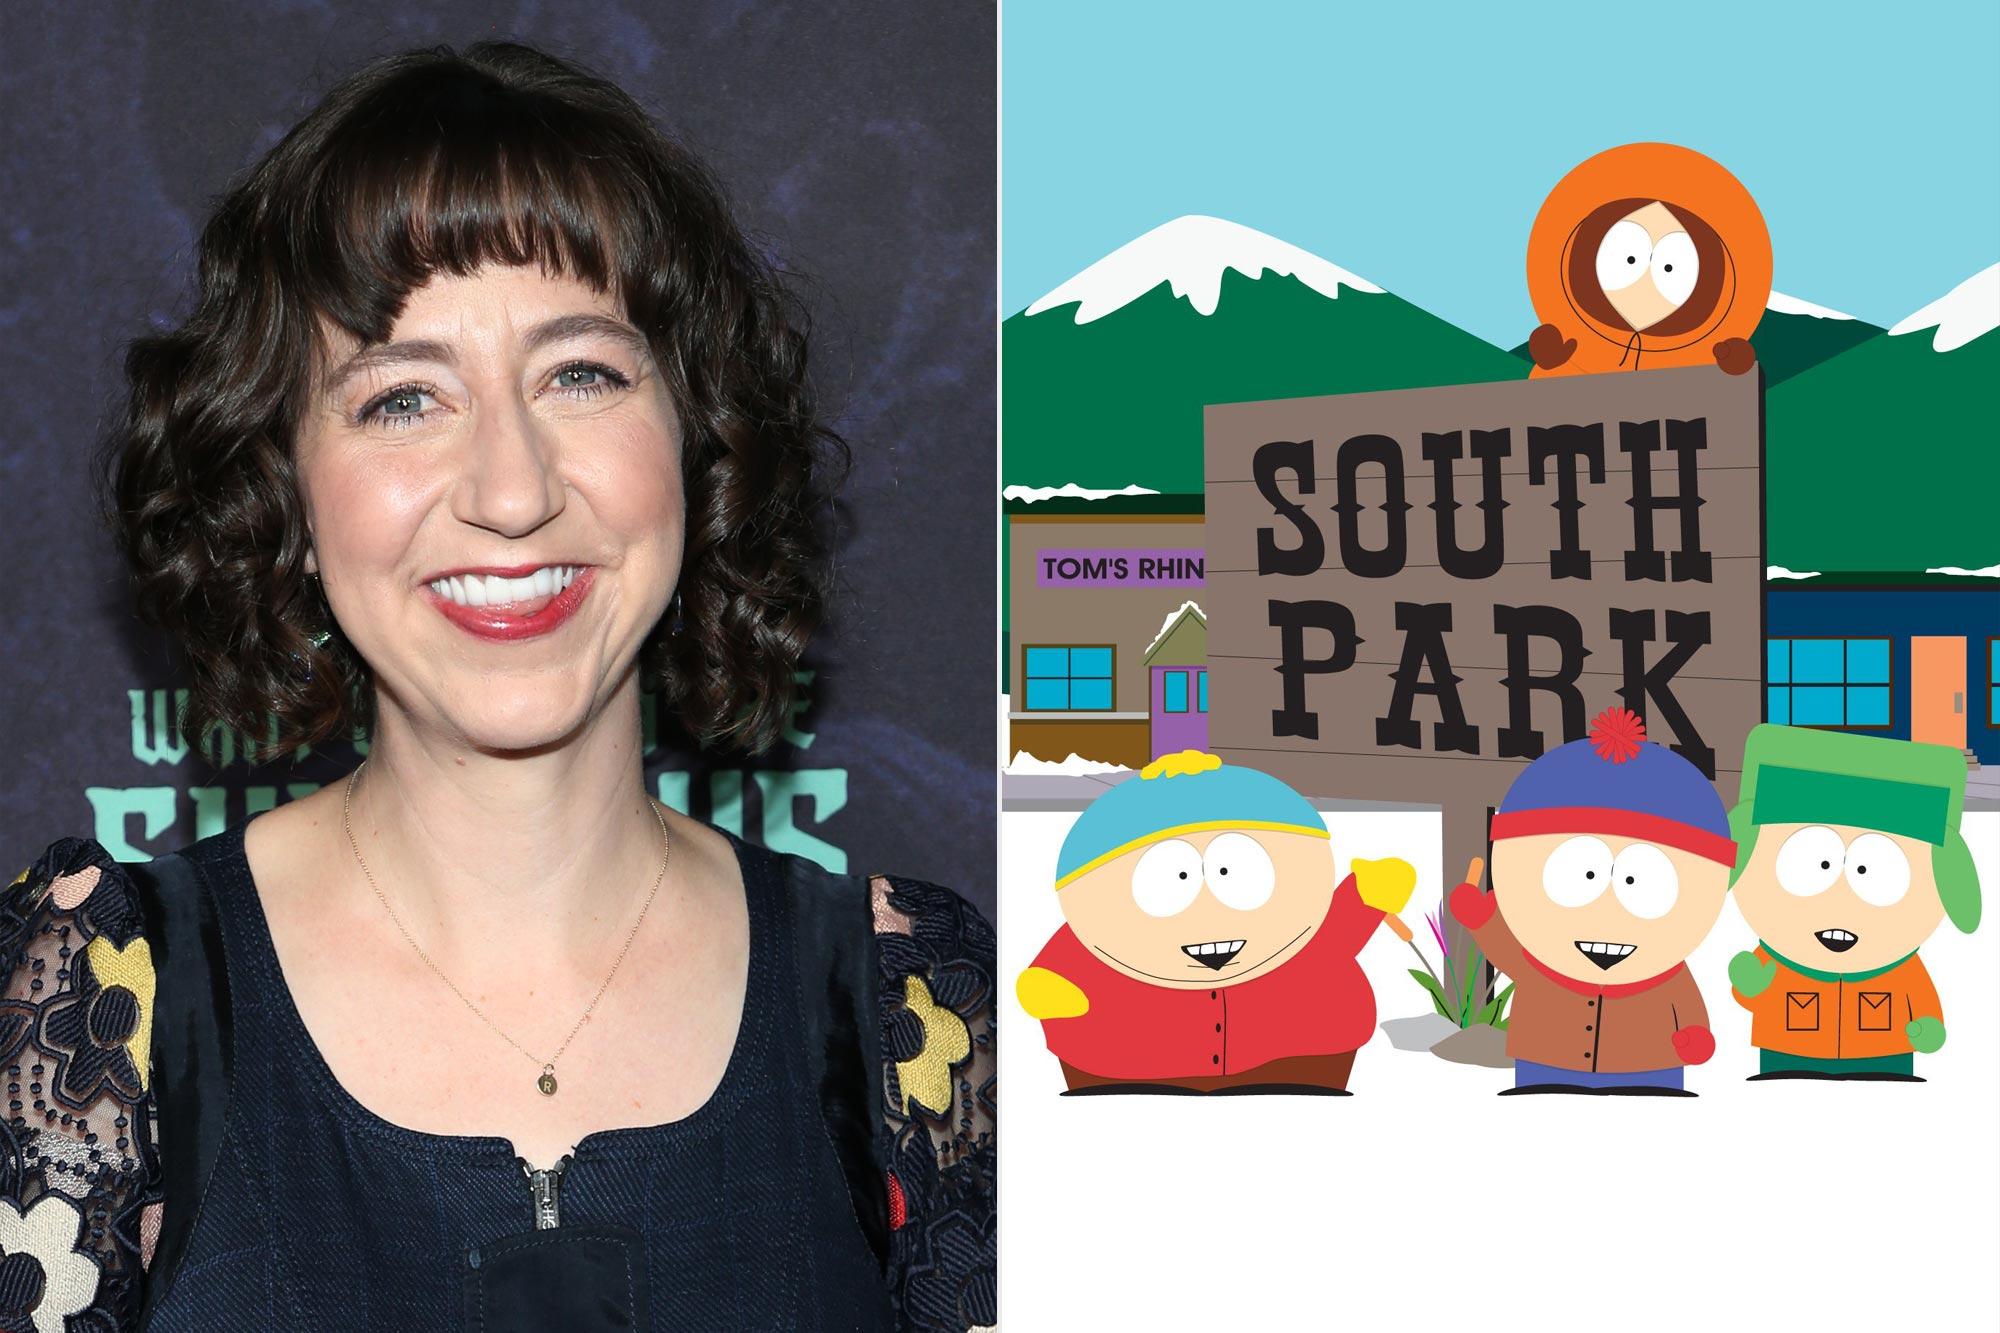 Kristen Schaal; South Park